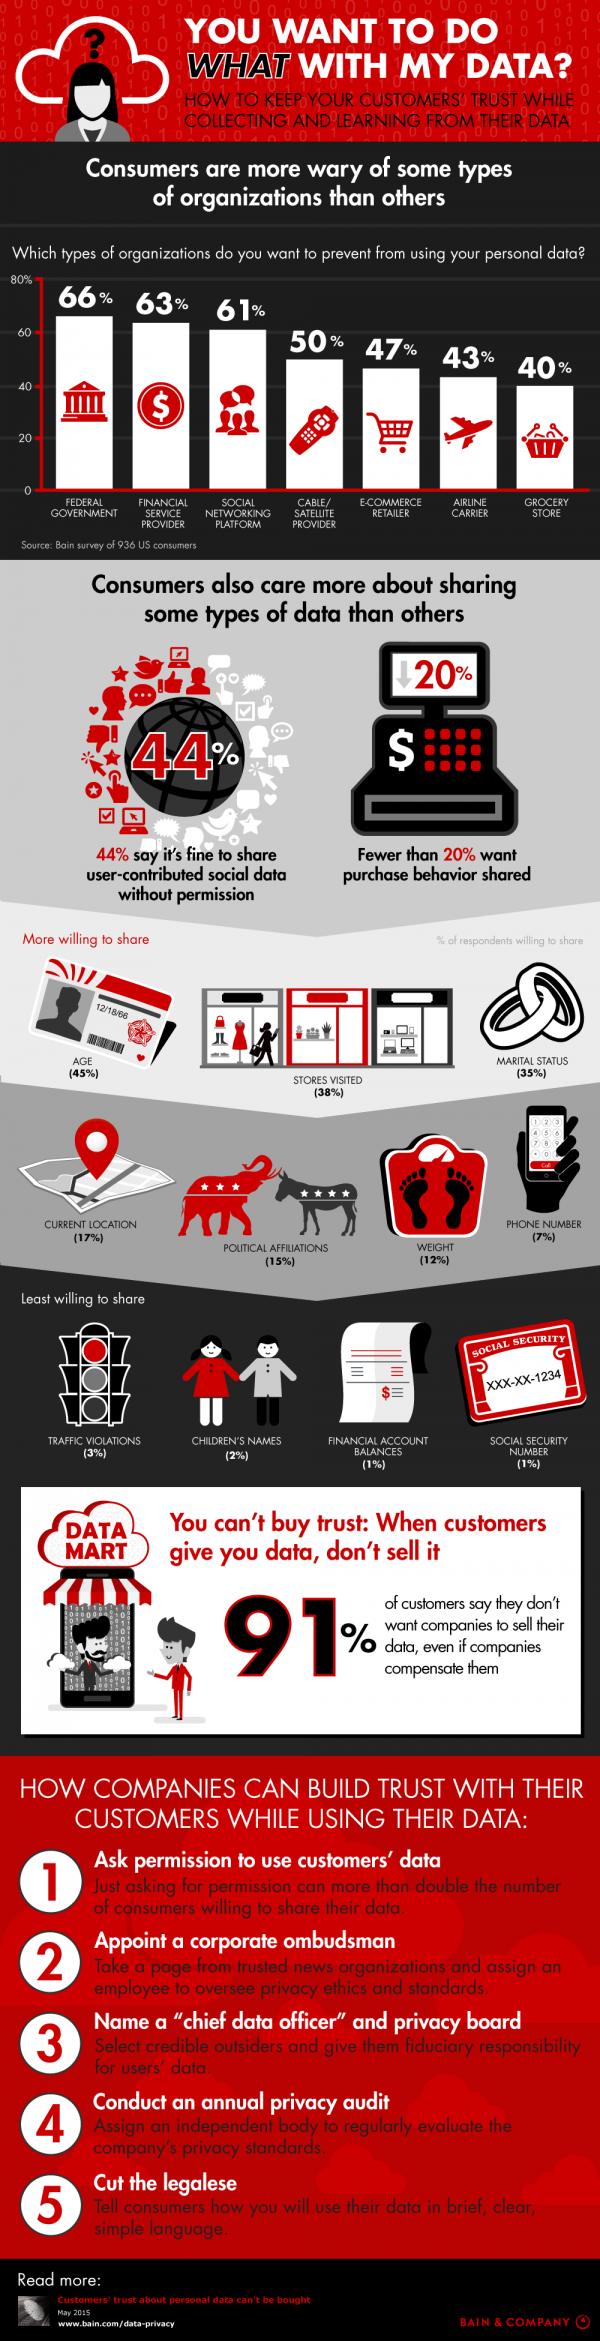 Infografik zum Vertrauen der Kunden bei der Herausgabe persönlicher Daten